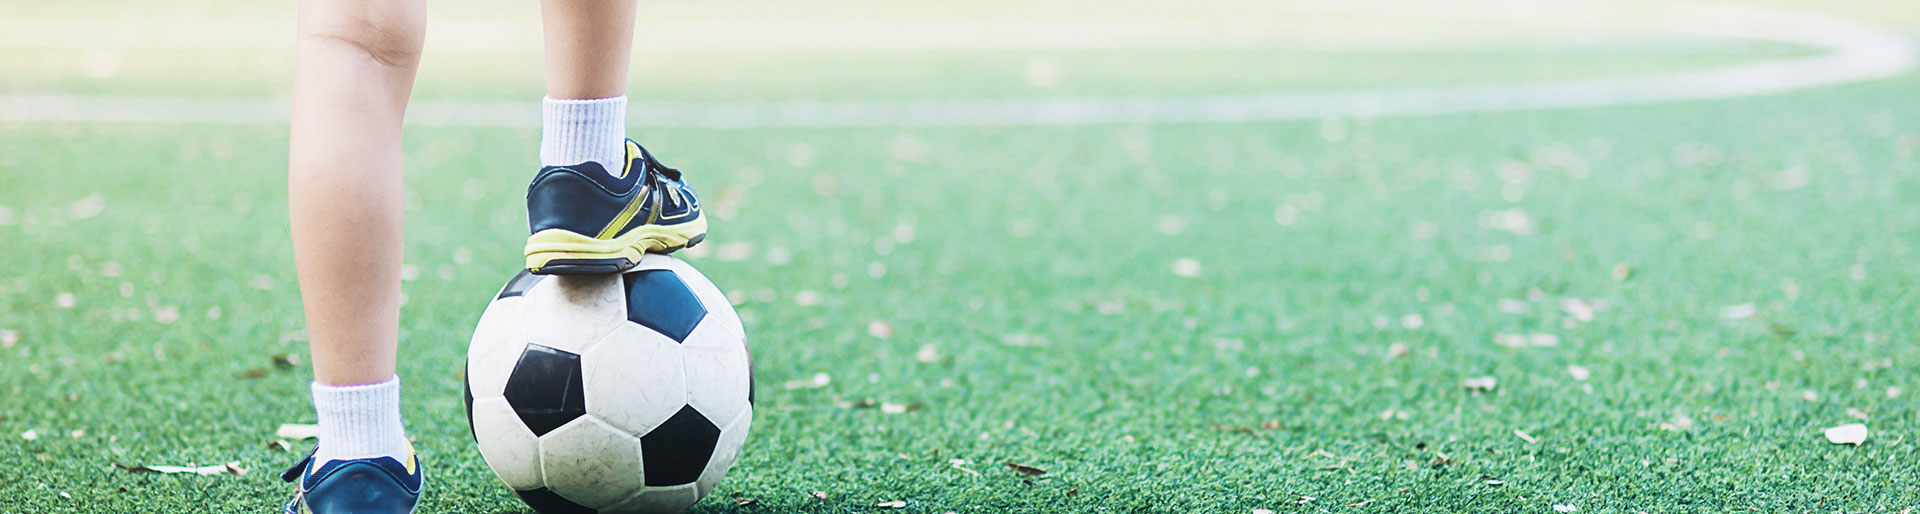 CS MTSL - Enfant jouant au foot sur un terrain synthétique